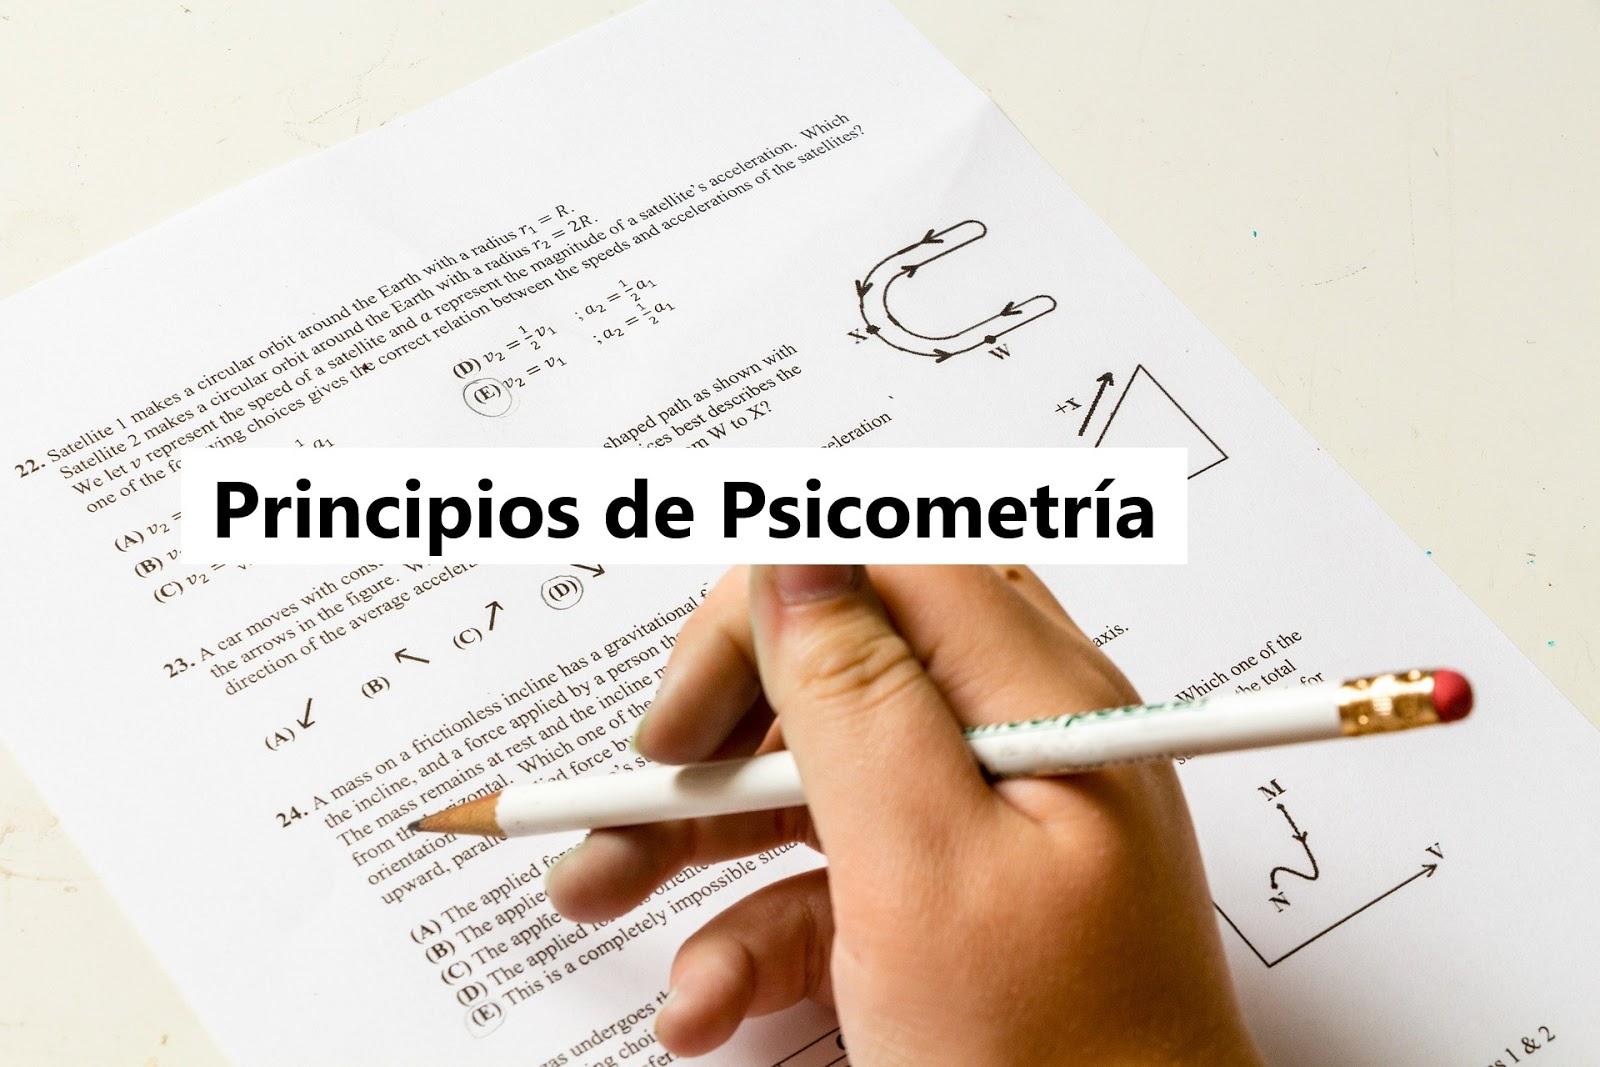 PRINCIPIOS DE PSICOMETRÍAF